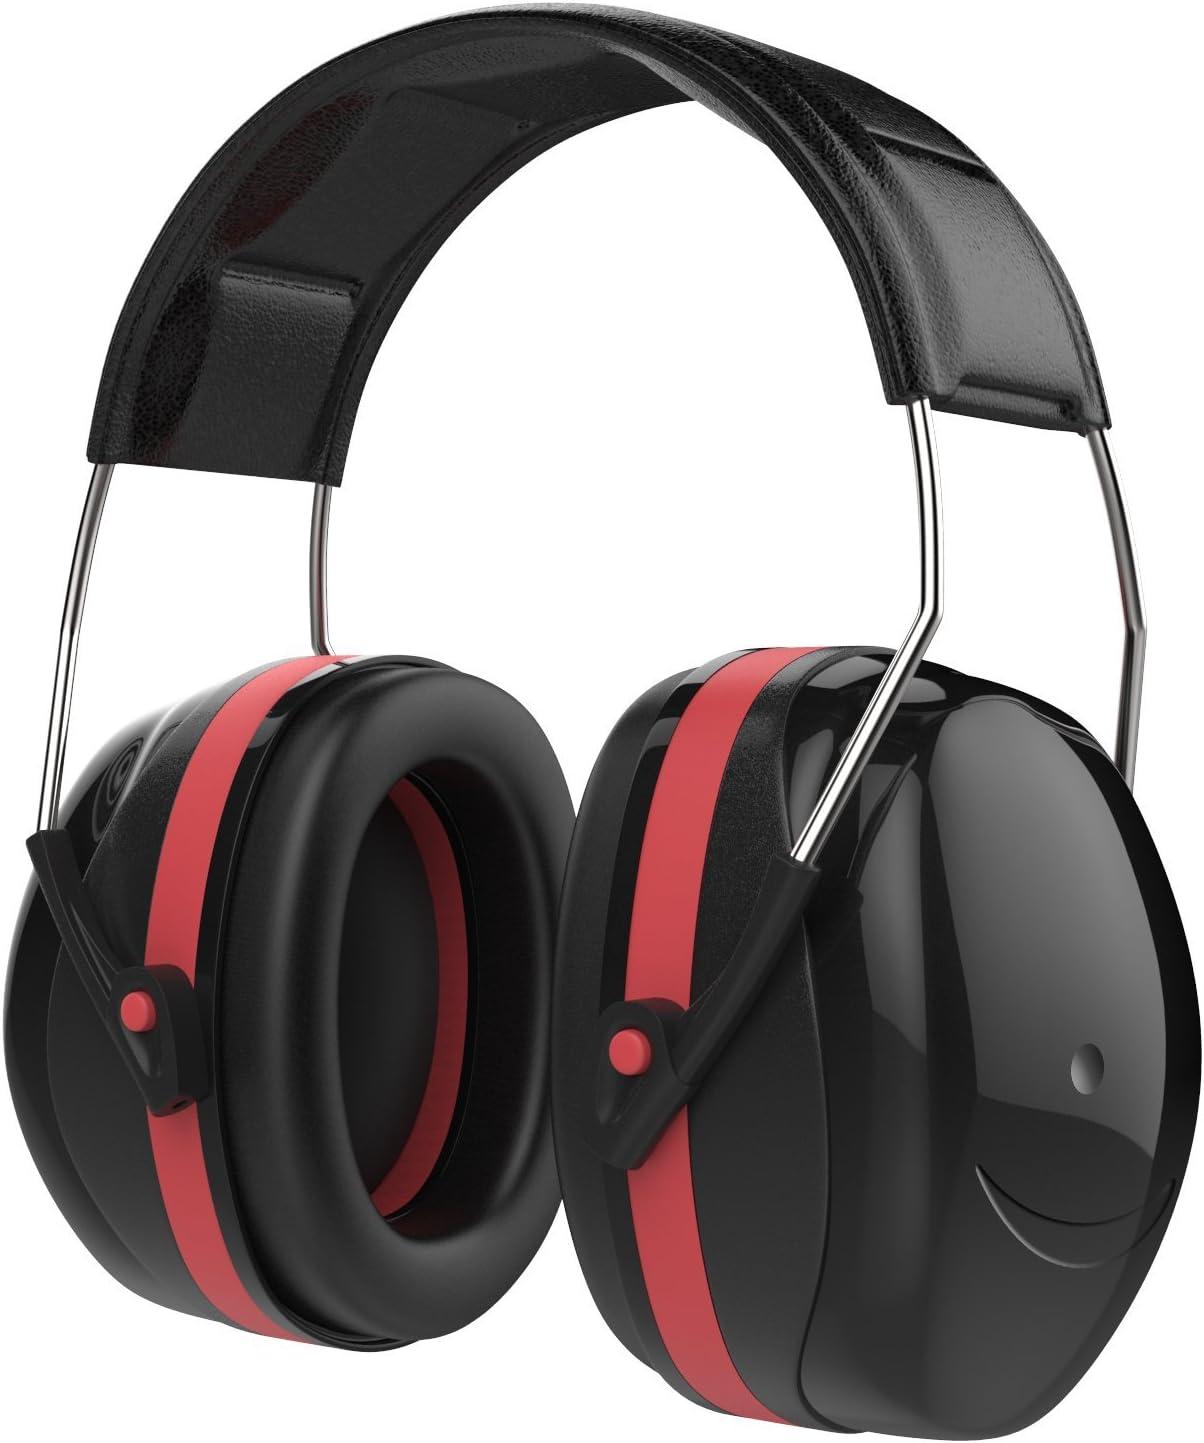 Schwarz Rot Professional SNR 35dB Noise Reduction Geh/örschutz Geh/örschutz f/ür Jagd Baustelle MoKo Noise Cancelling Kapselgeh/örsch/ützer